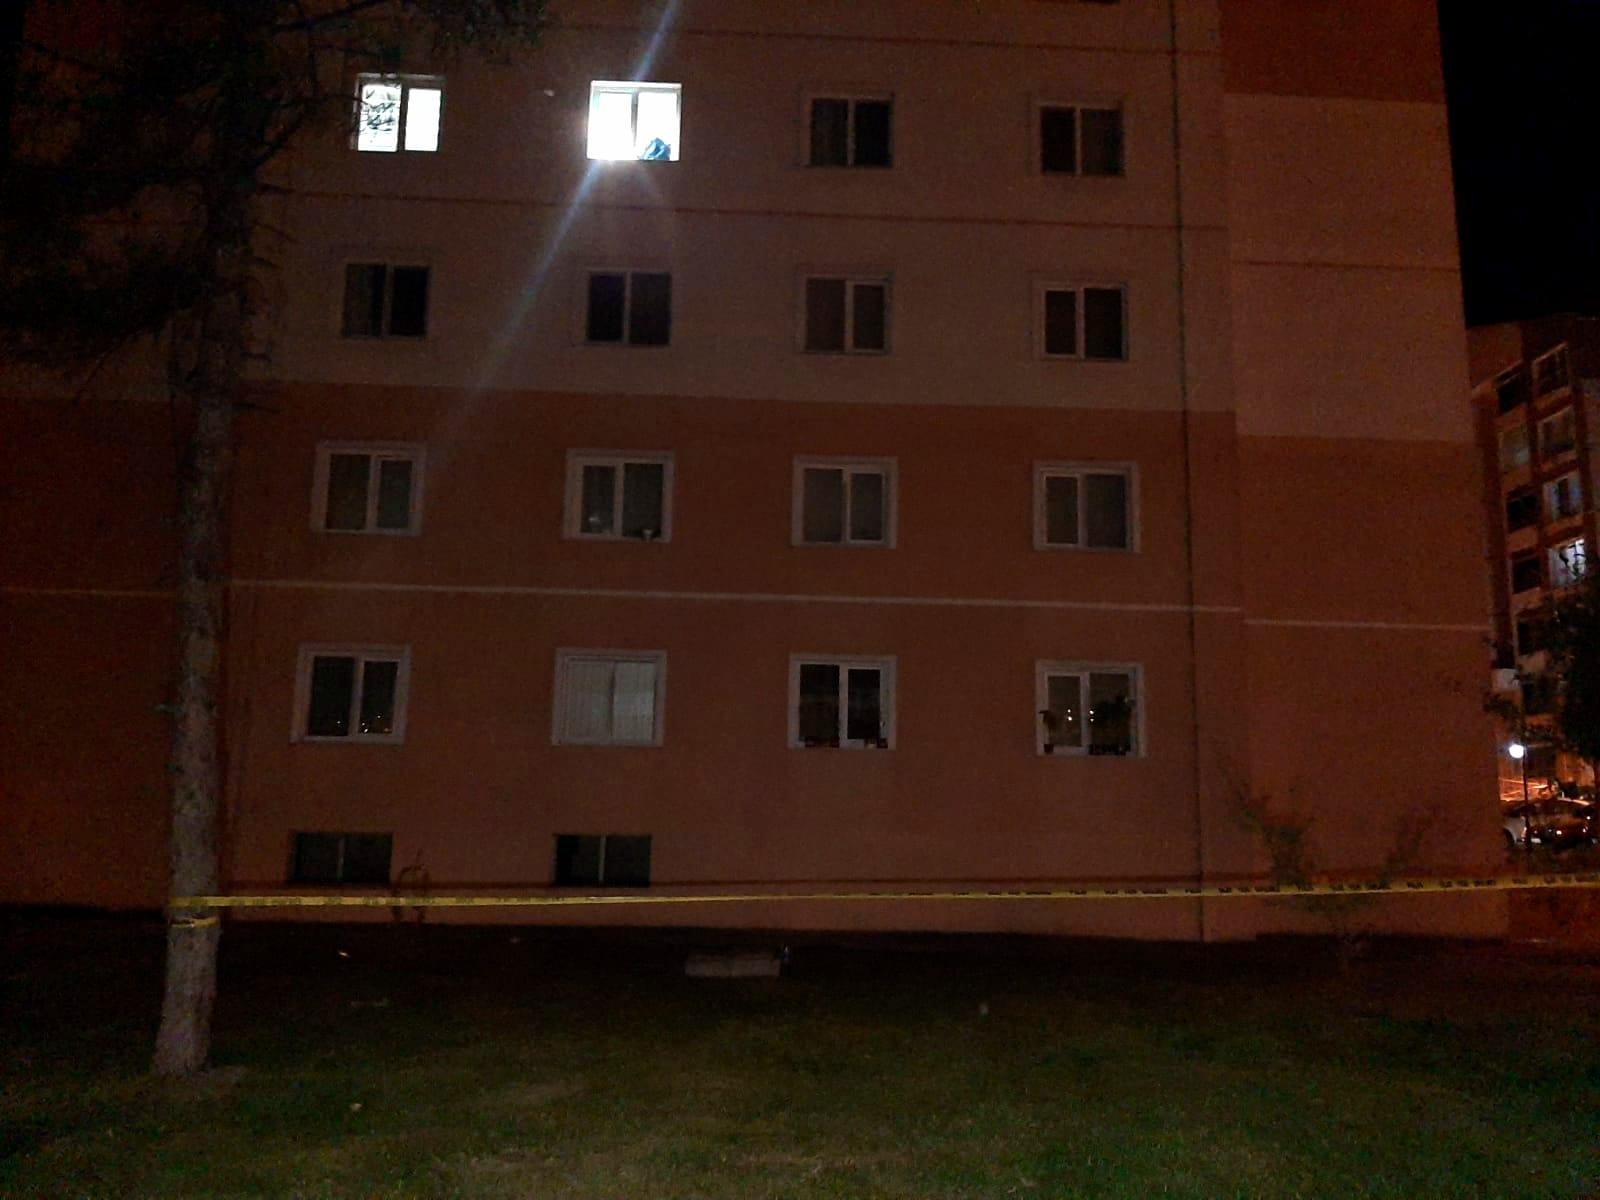 4'üncü kattaki evinin penceresinden düşen kadın yaralandı